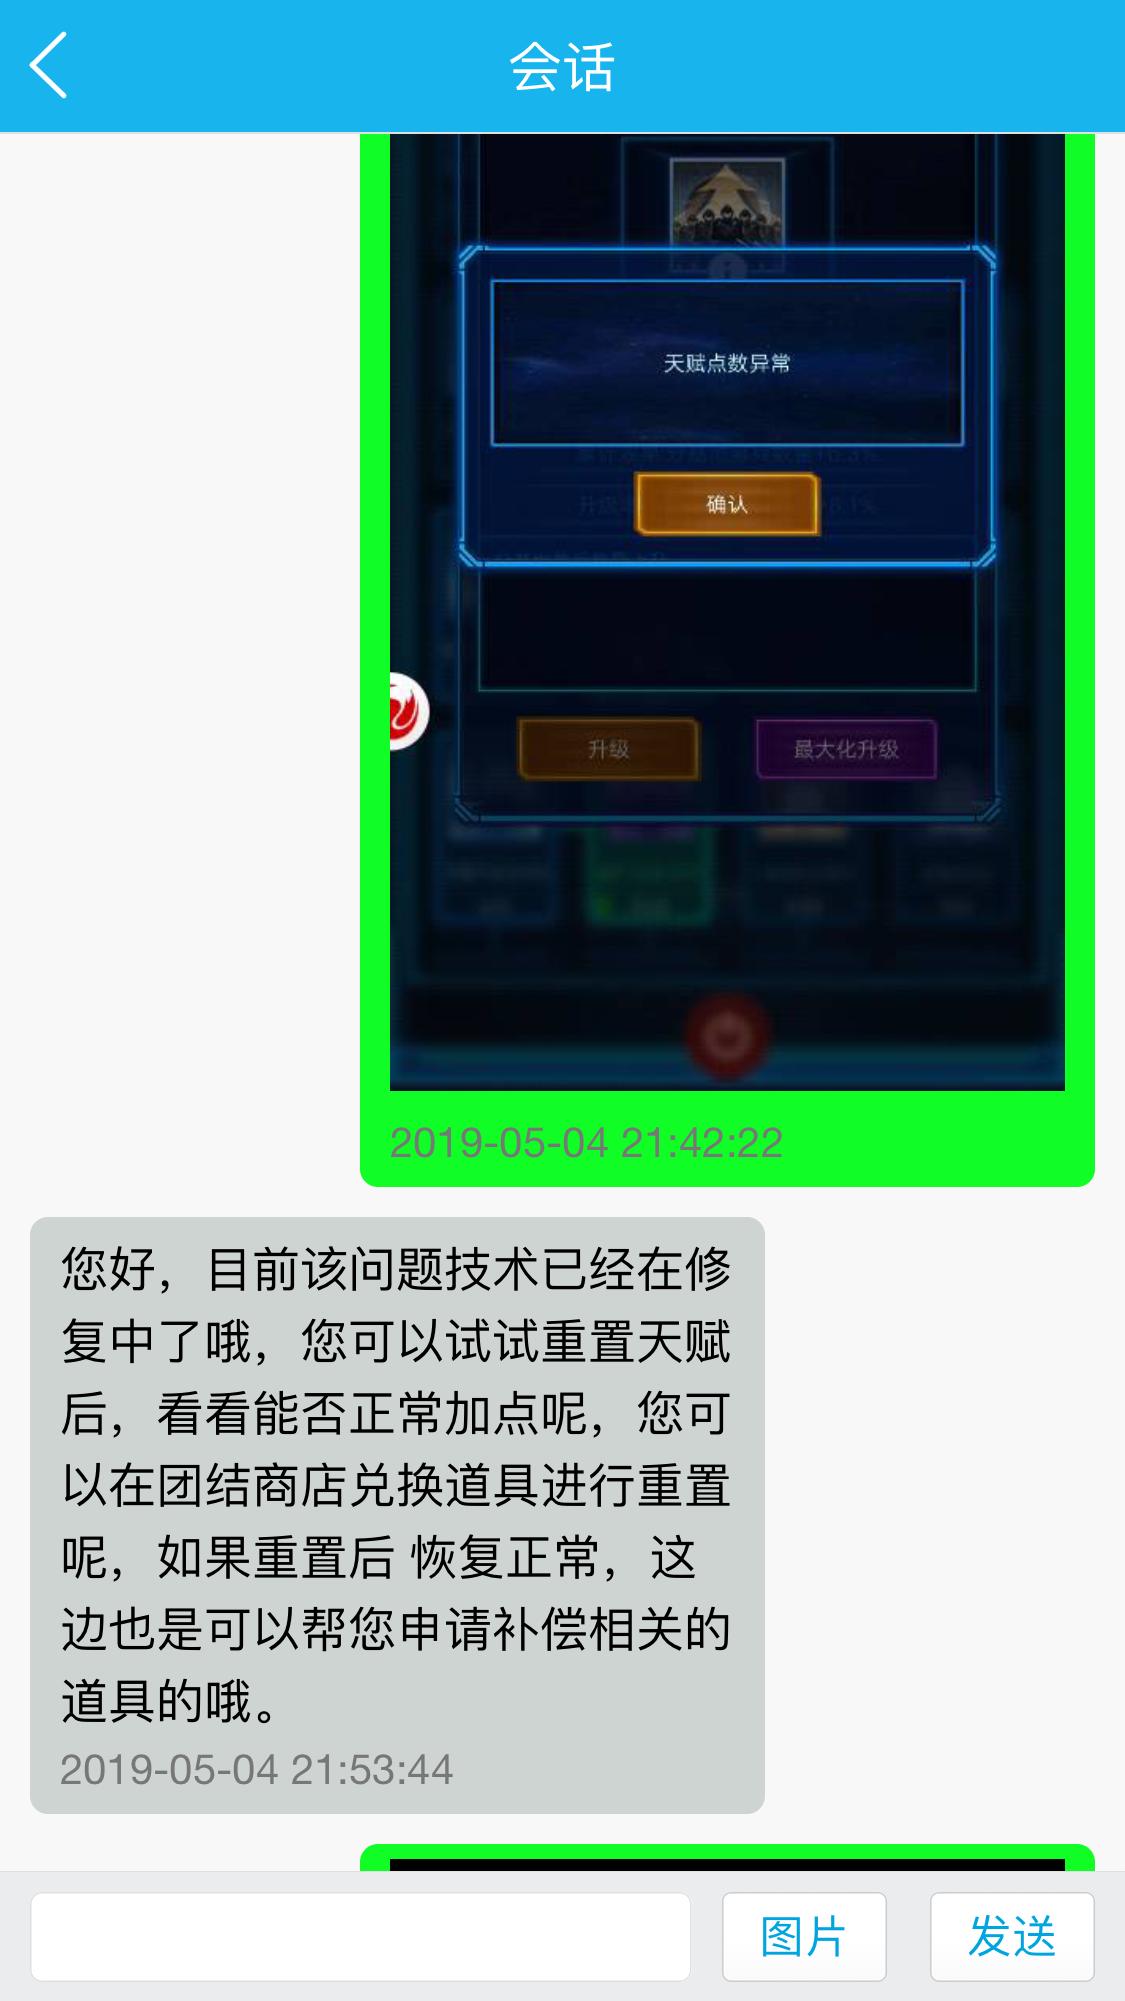 9A04A8B1-2612-4B90-A421-364CA69AA158.png